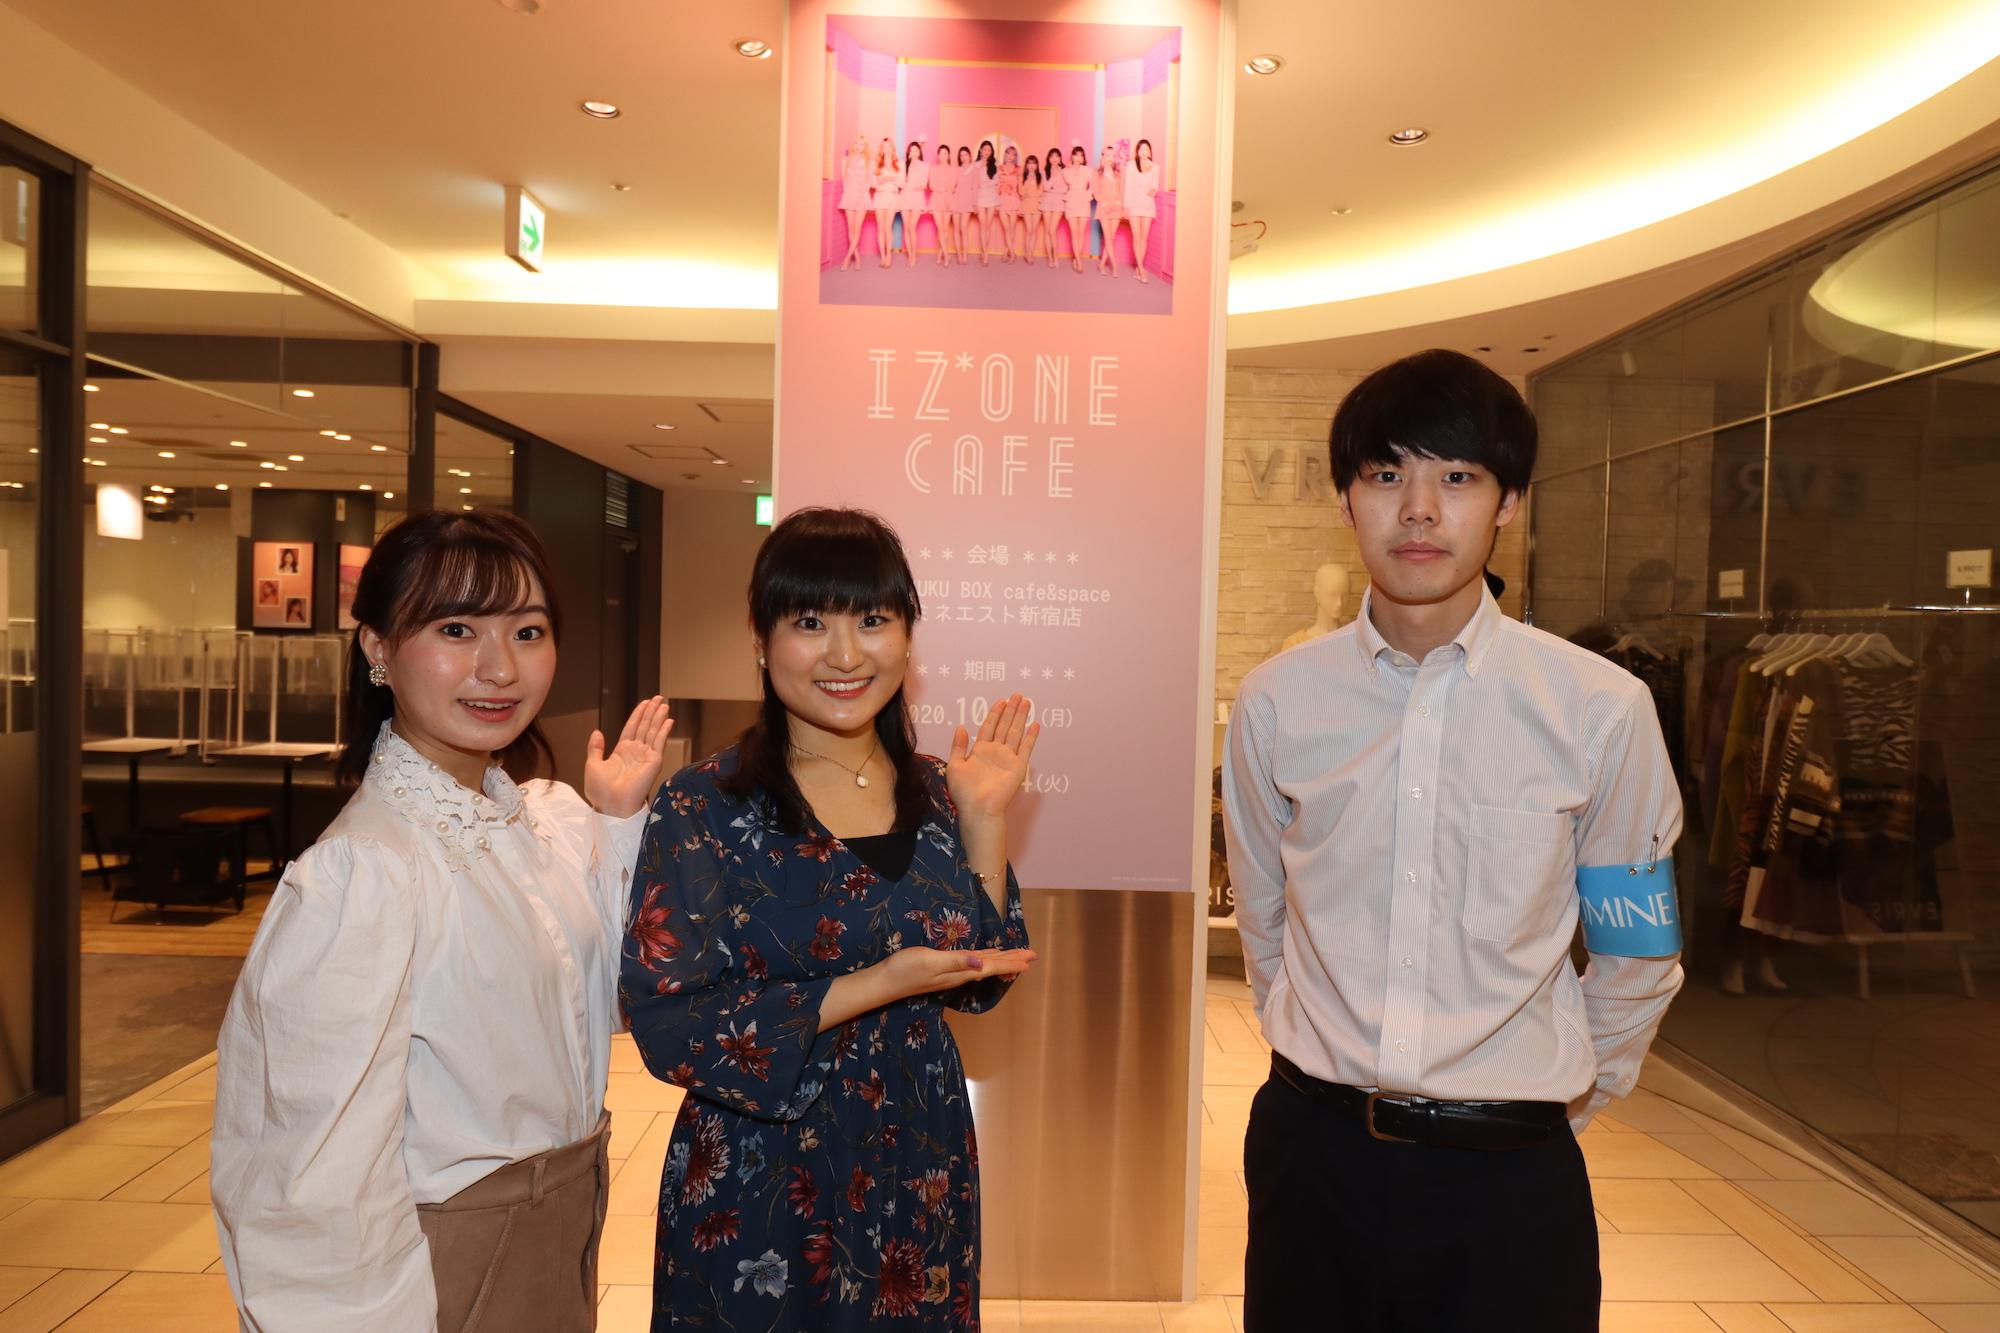 左より:高橋眞由(立教大学2年)・(慶応義塾大学2年)、株式会社レッグス・フードエンタテイメント事業本部興井様/IZ*ONE CAFEにて